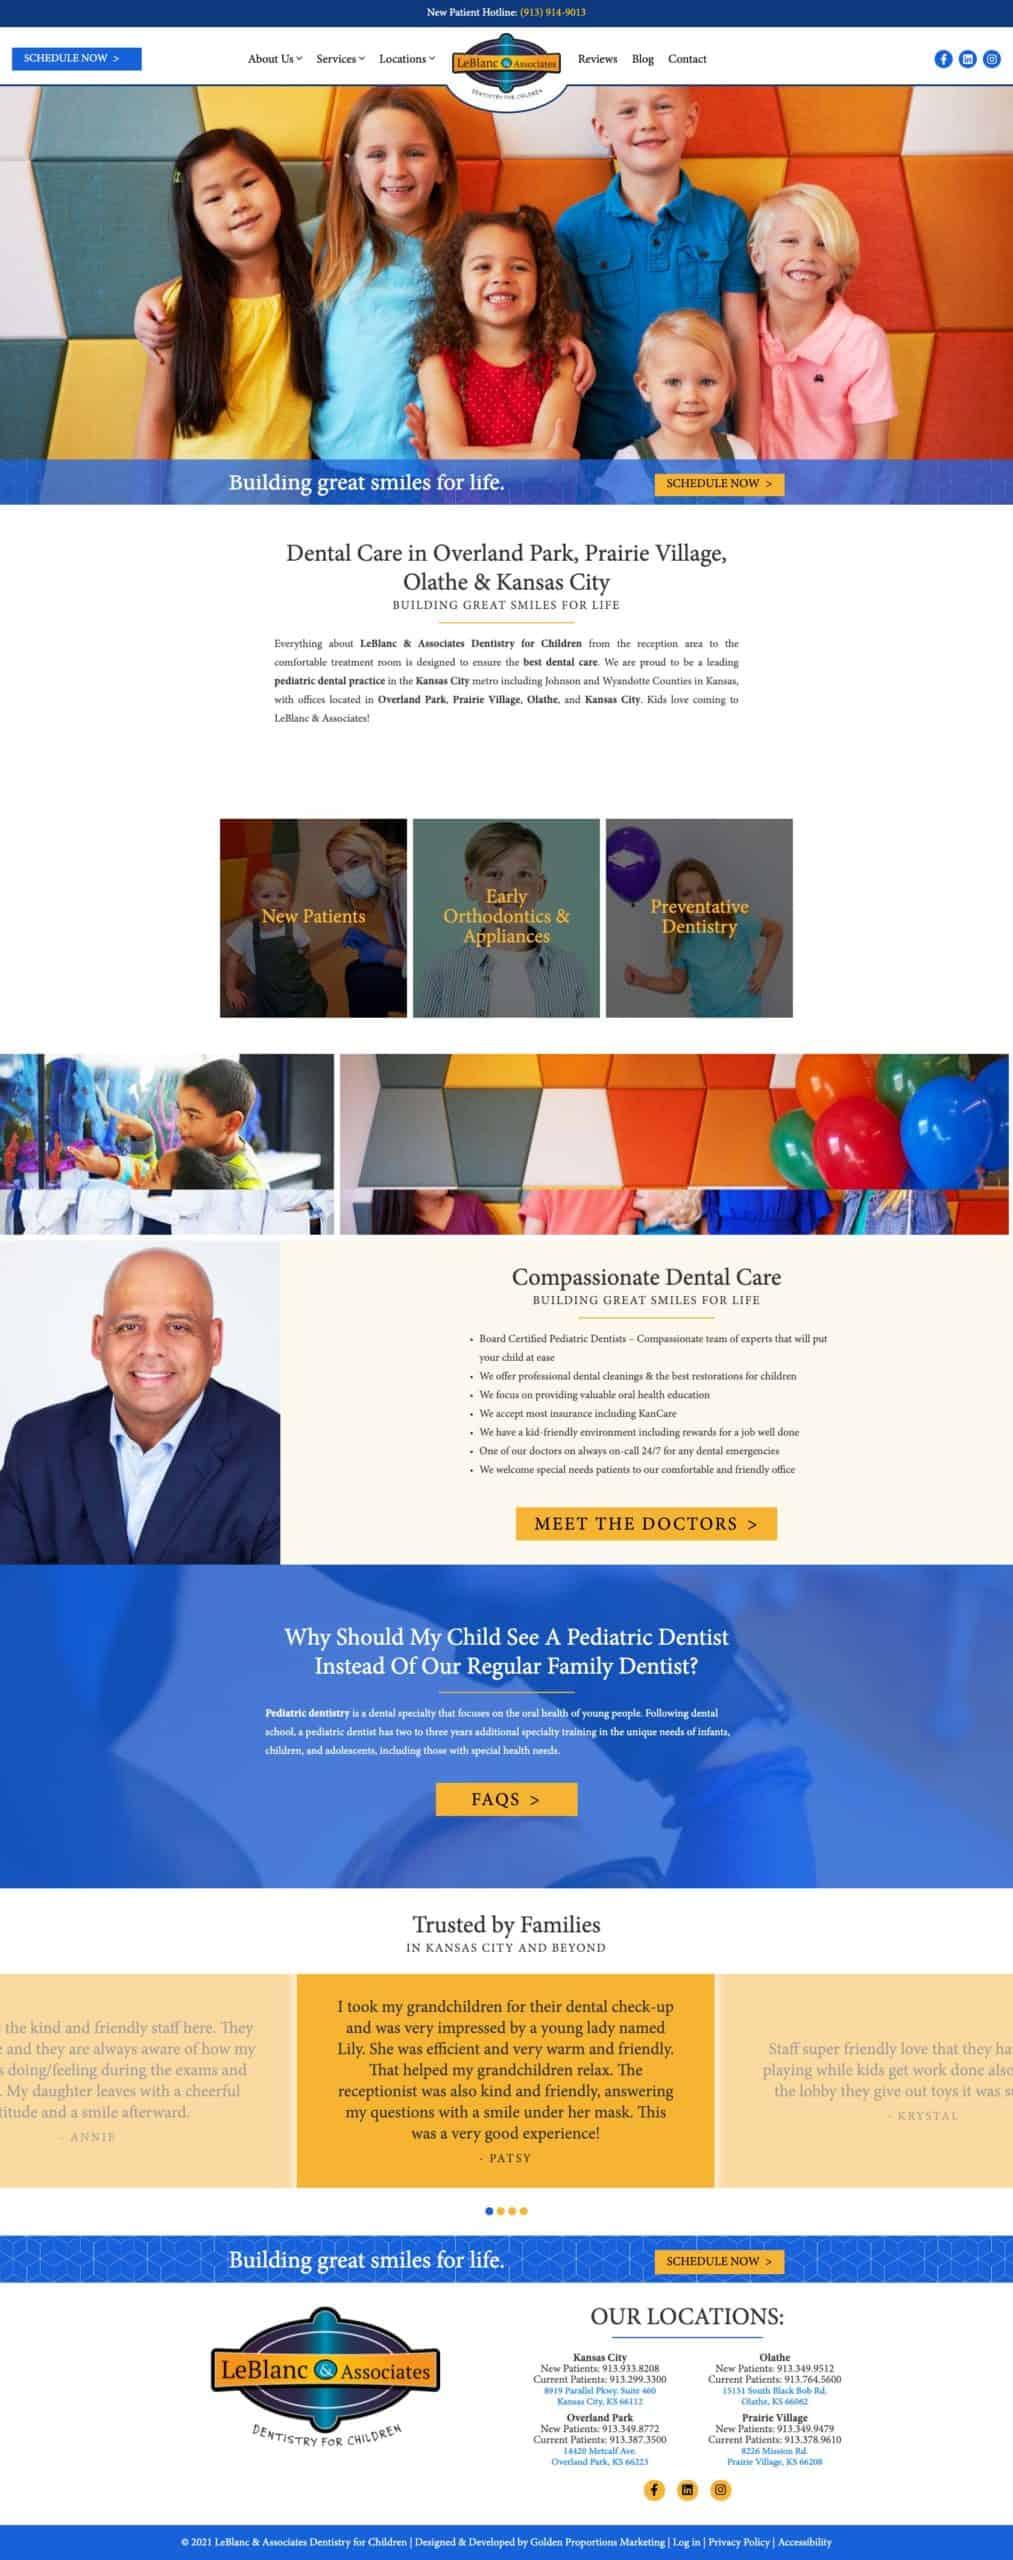 LeBlanc & Associates Dentistry for Children